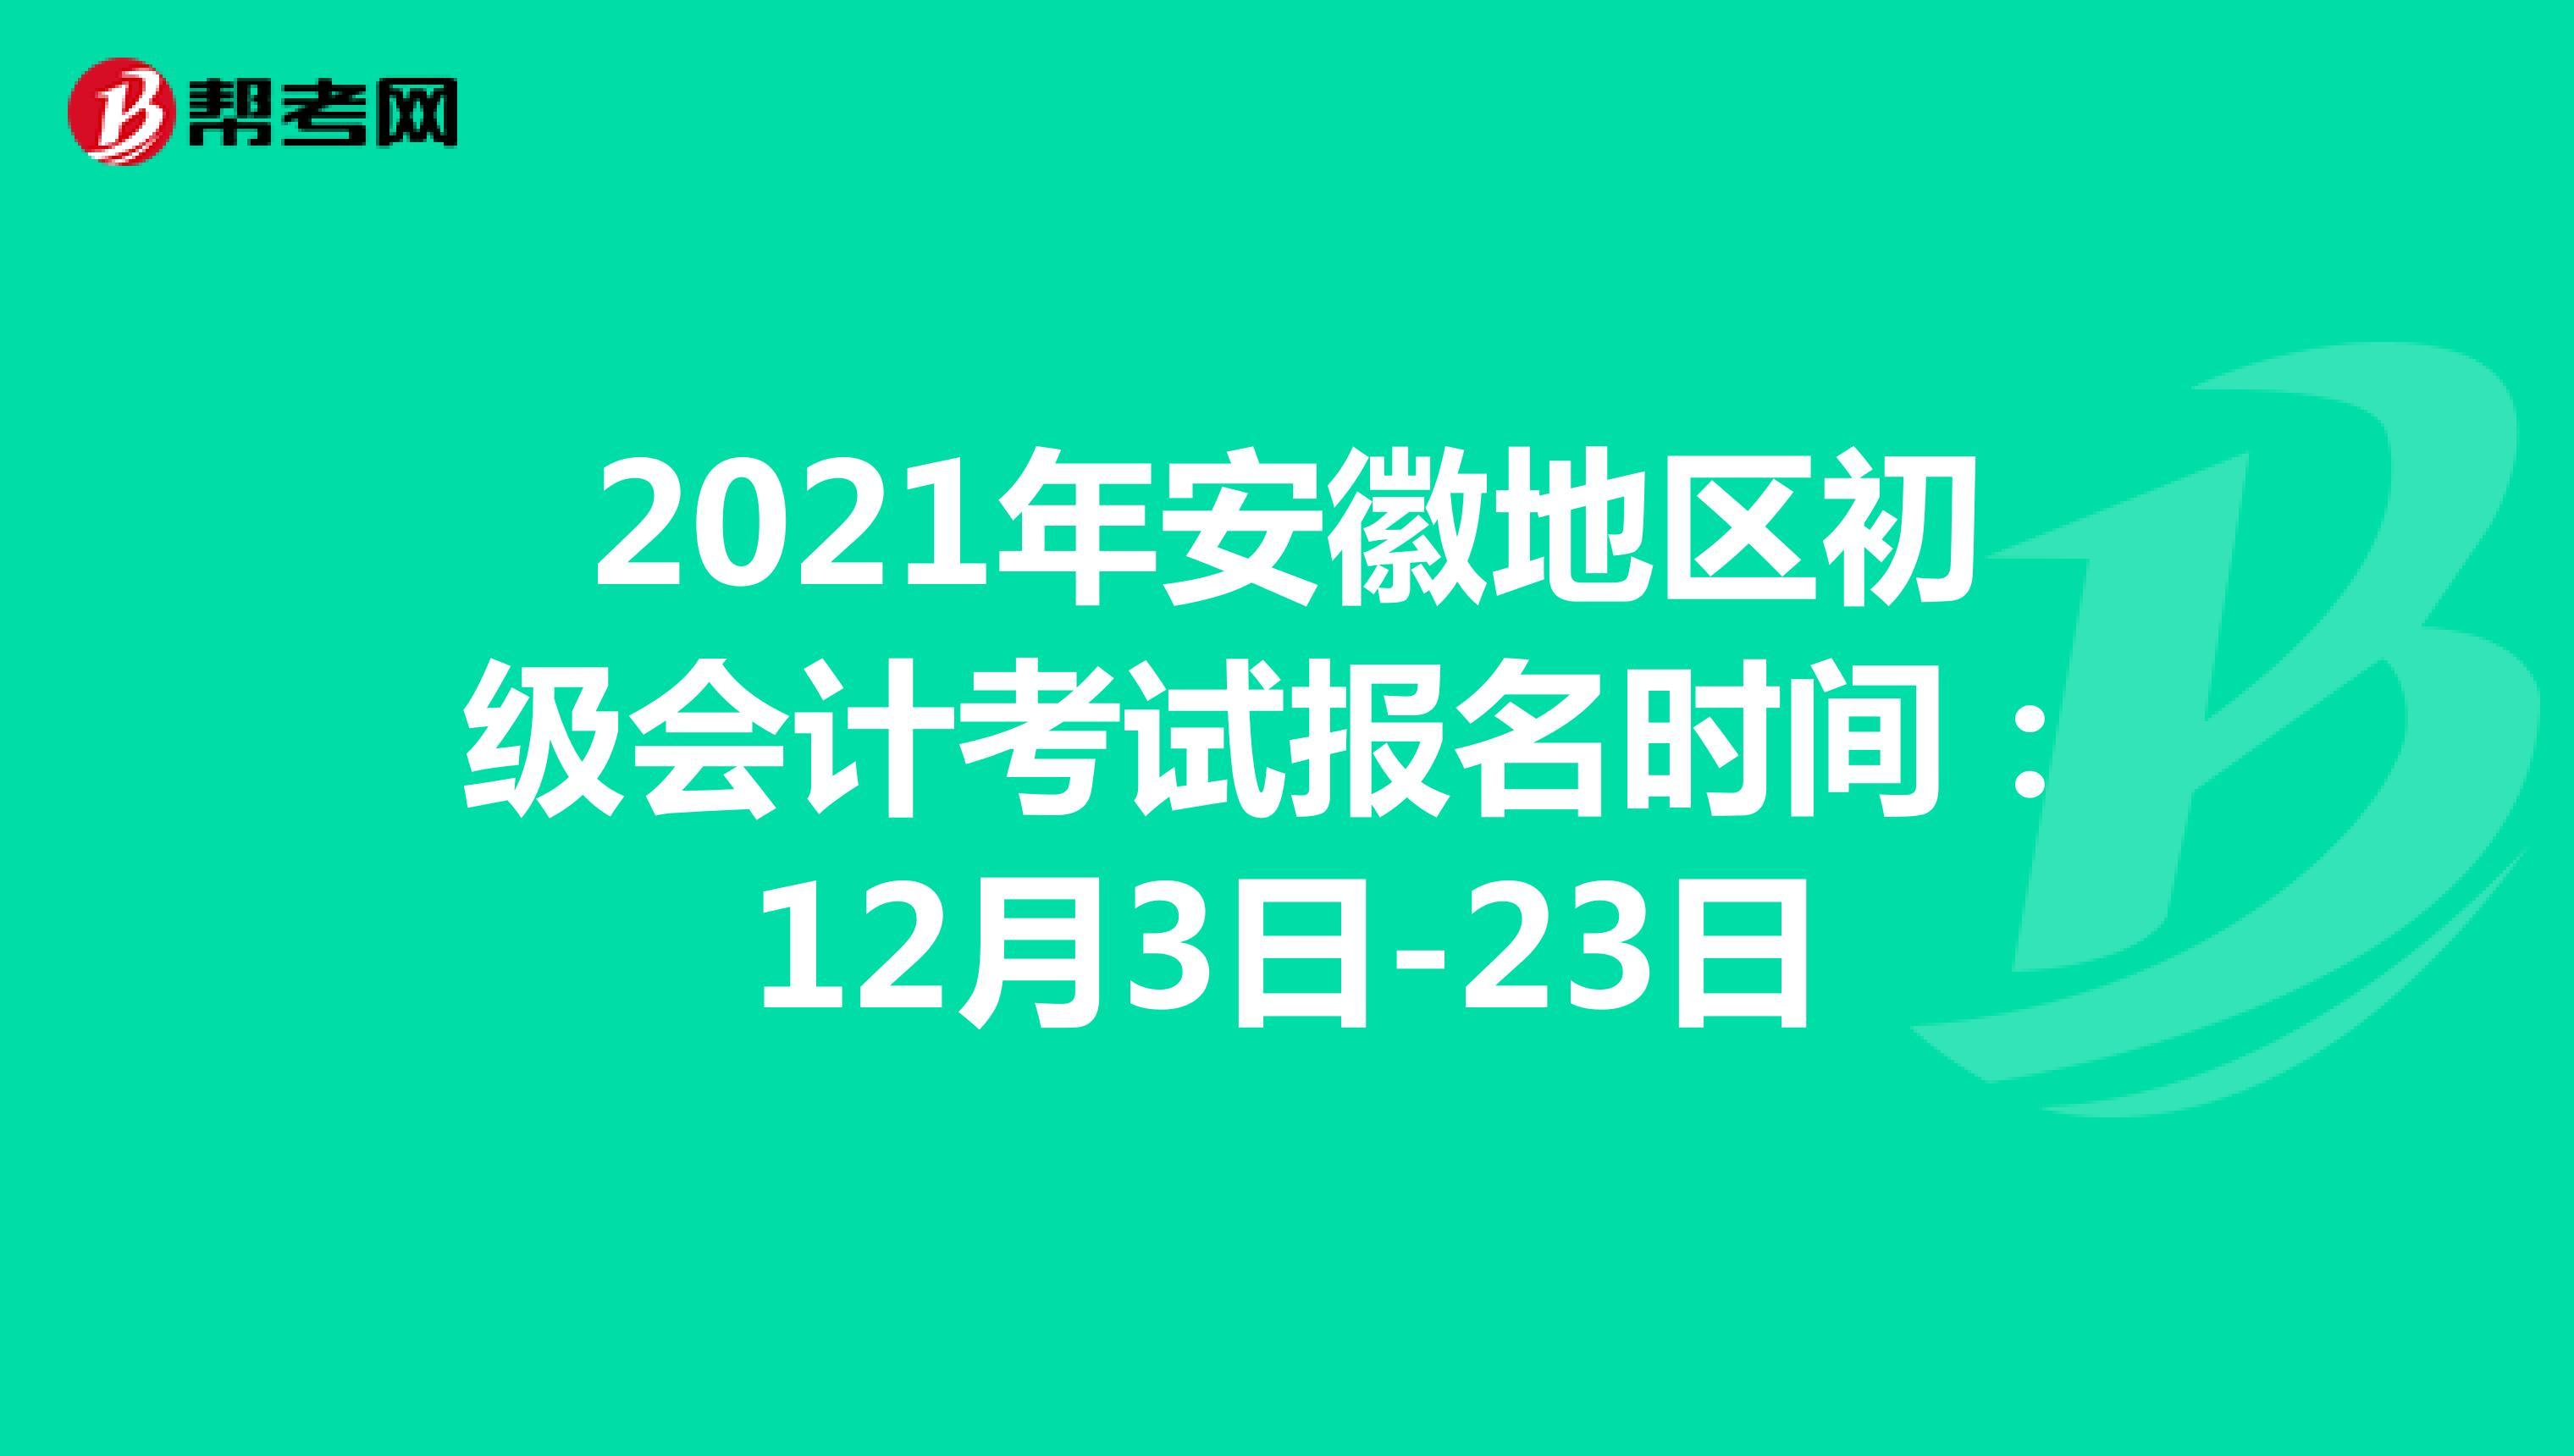 2021年吉林地區初級會計考試報名時間:12月3日-23日